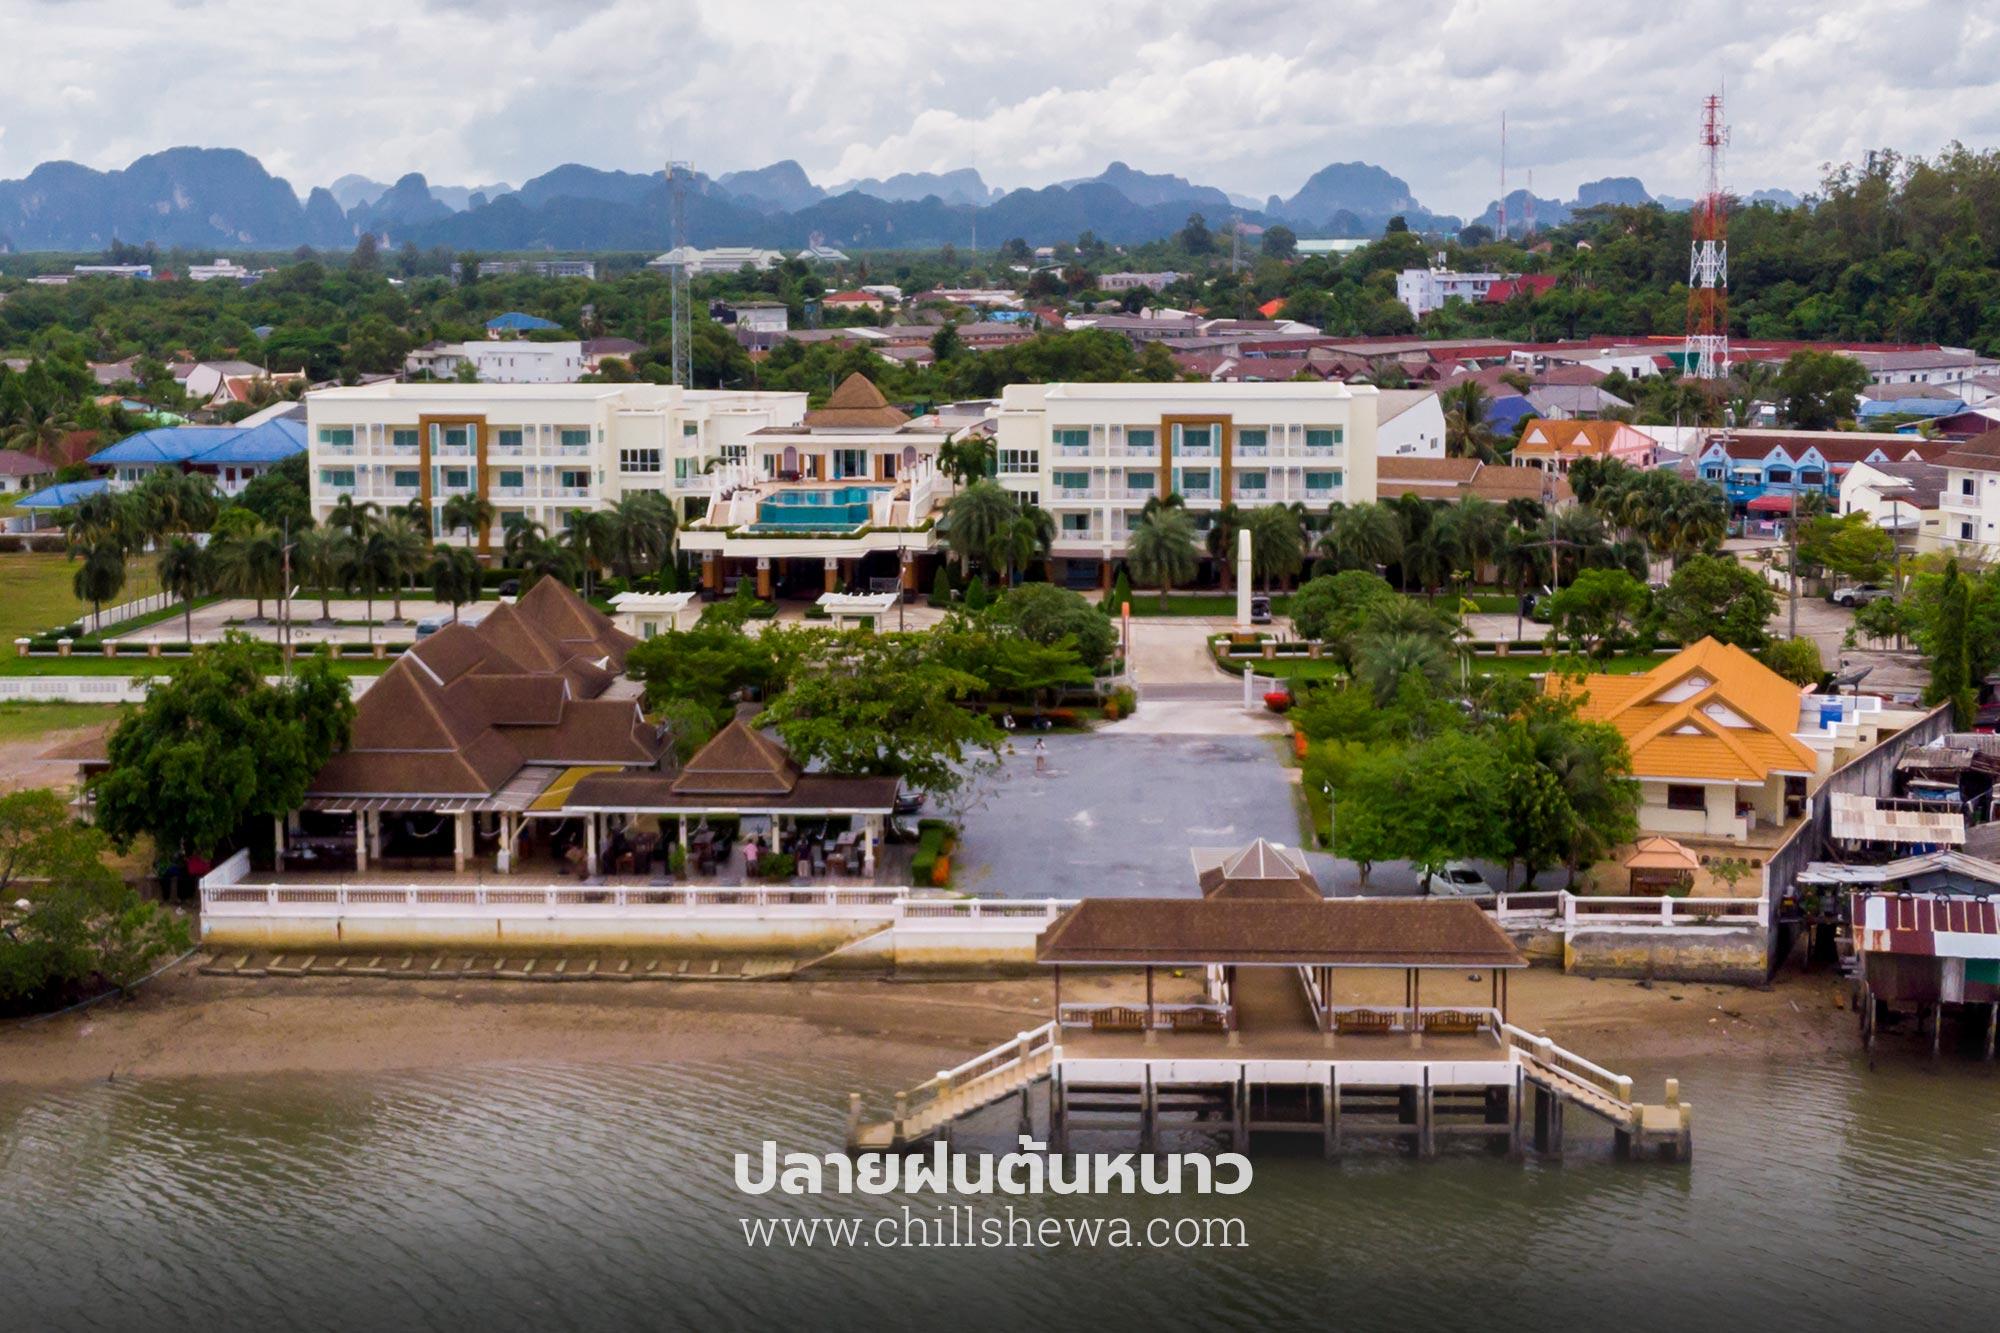 Krabi Front Bay Resort กระบี่ ฟร้อนท์ เบย์ รีสอร์ท krabi front bay resort Krabi Front Bay Resort กระบี่ ฟร้อนท์ เบย์ รีสอร์ท Krabi Front Bay Resort 03